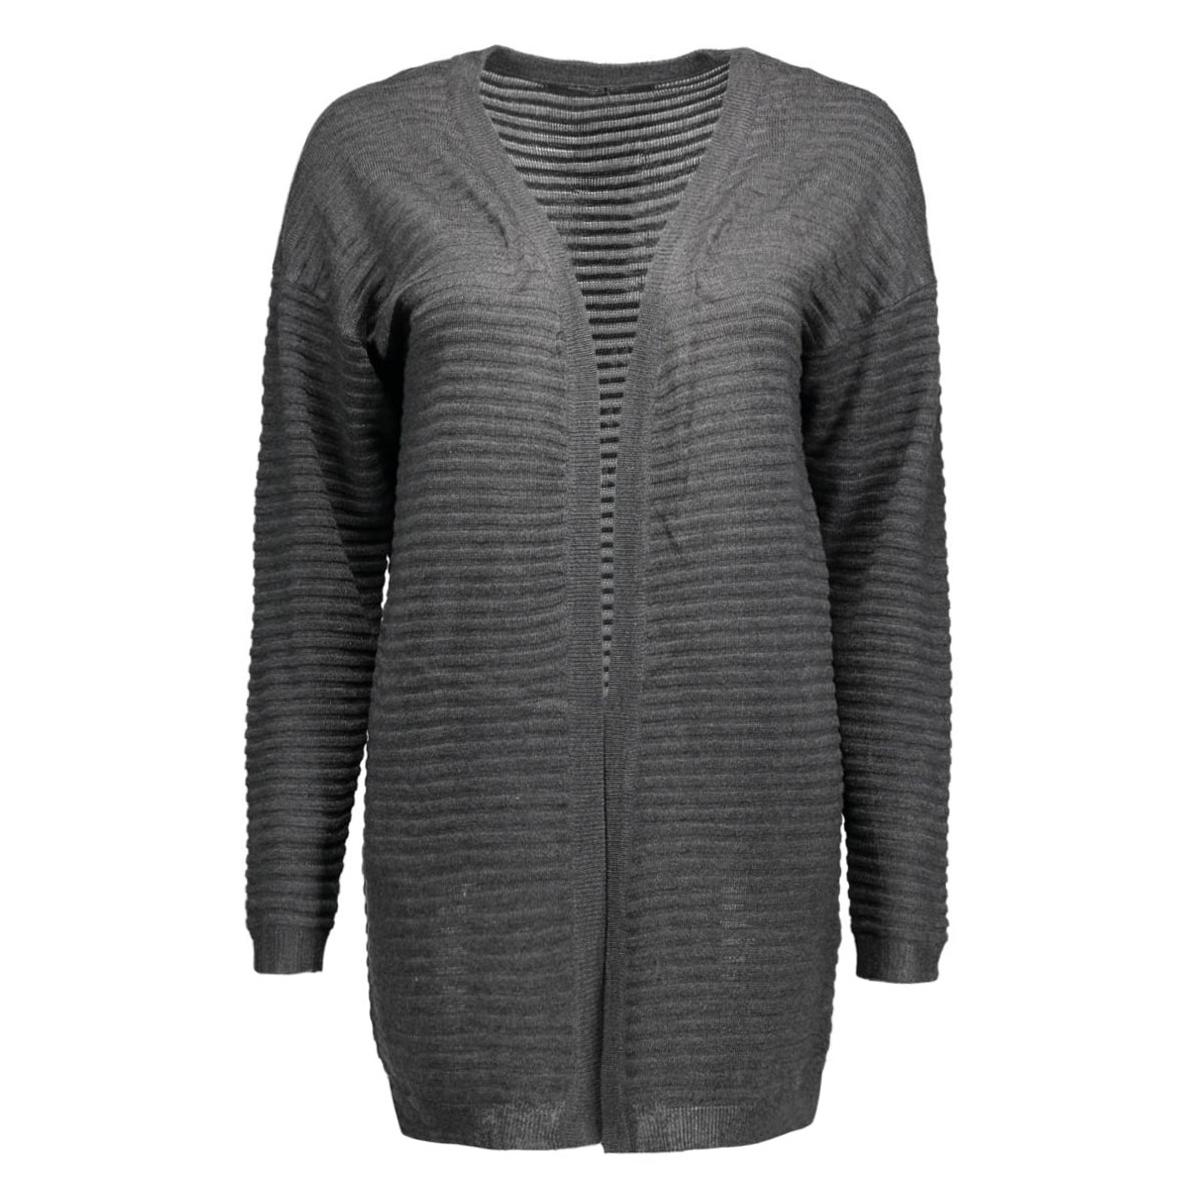 onlolivia new l/s cardigan knt noos 15115121 only vest dark grey melange